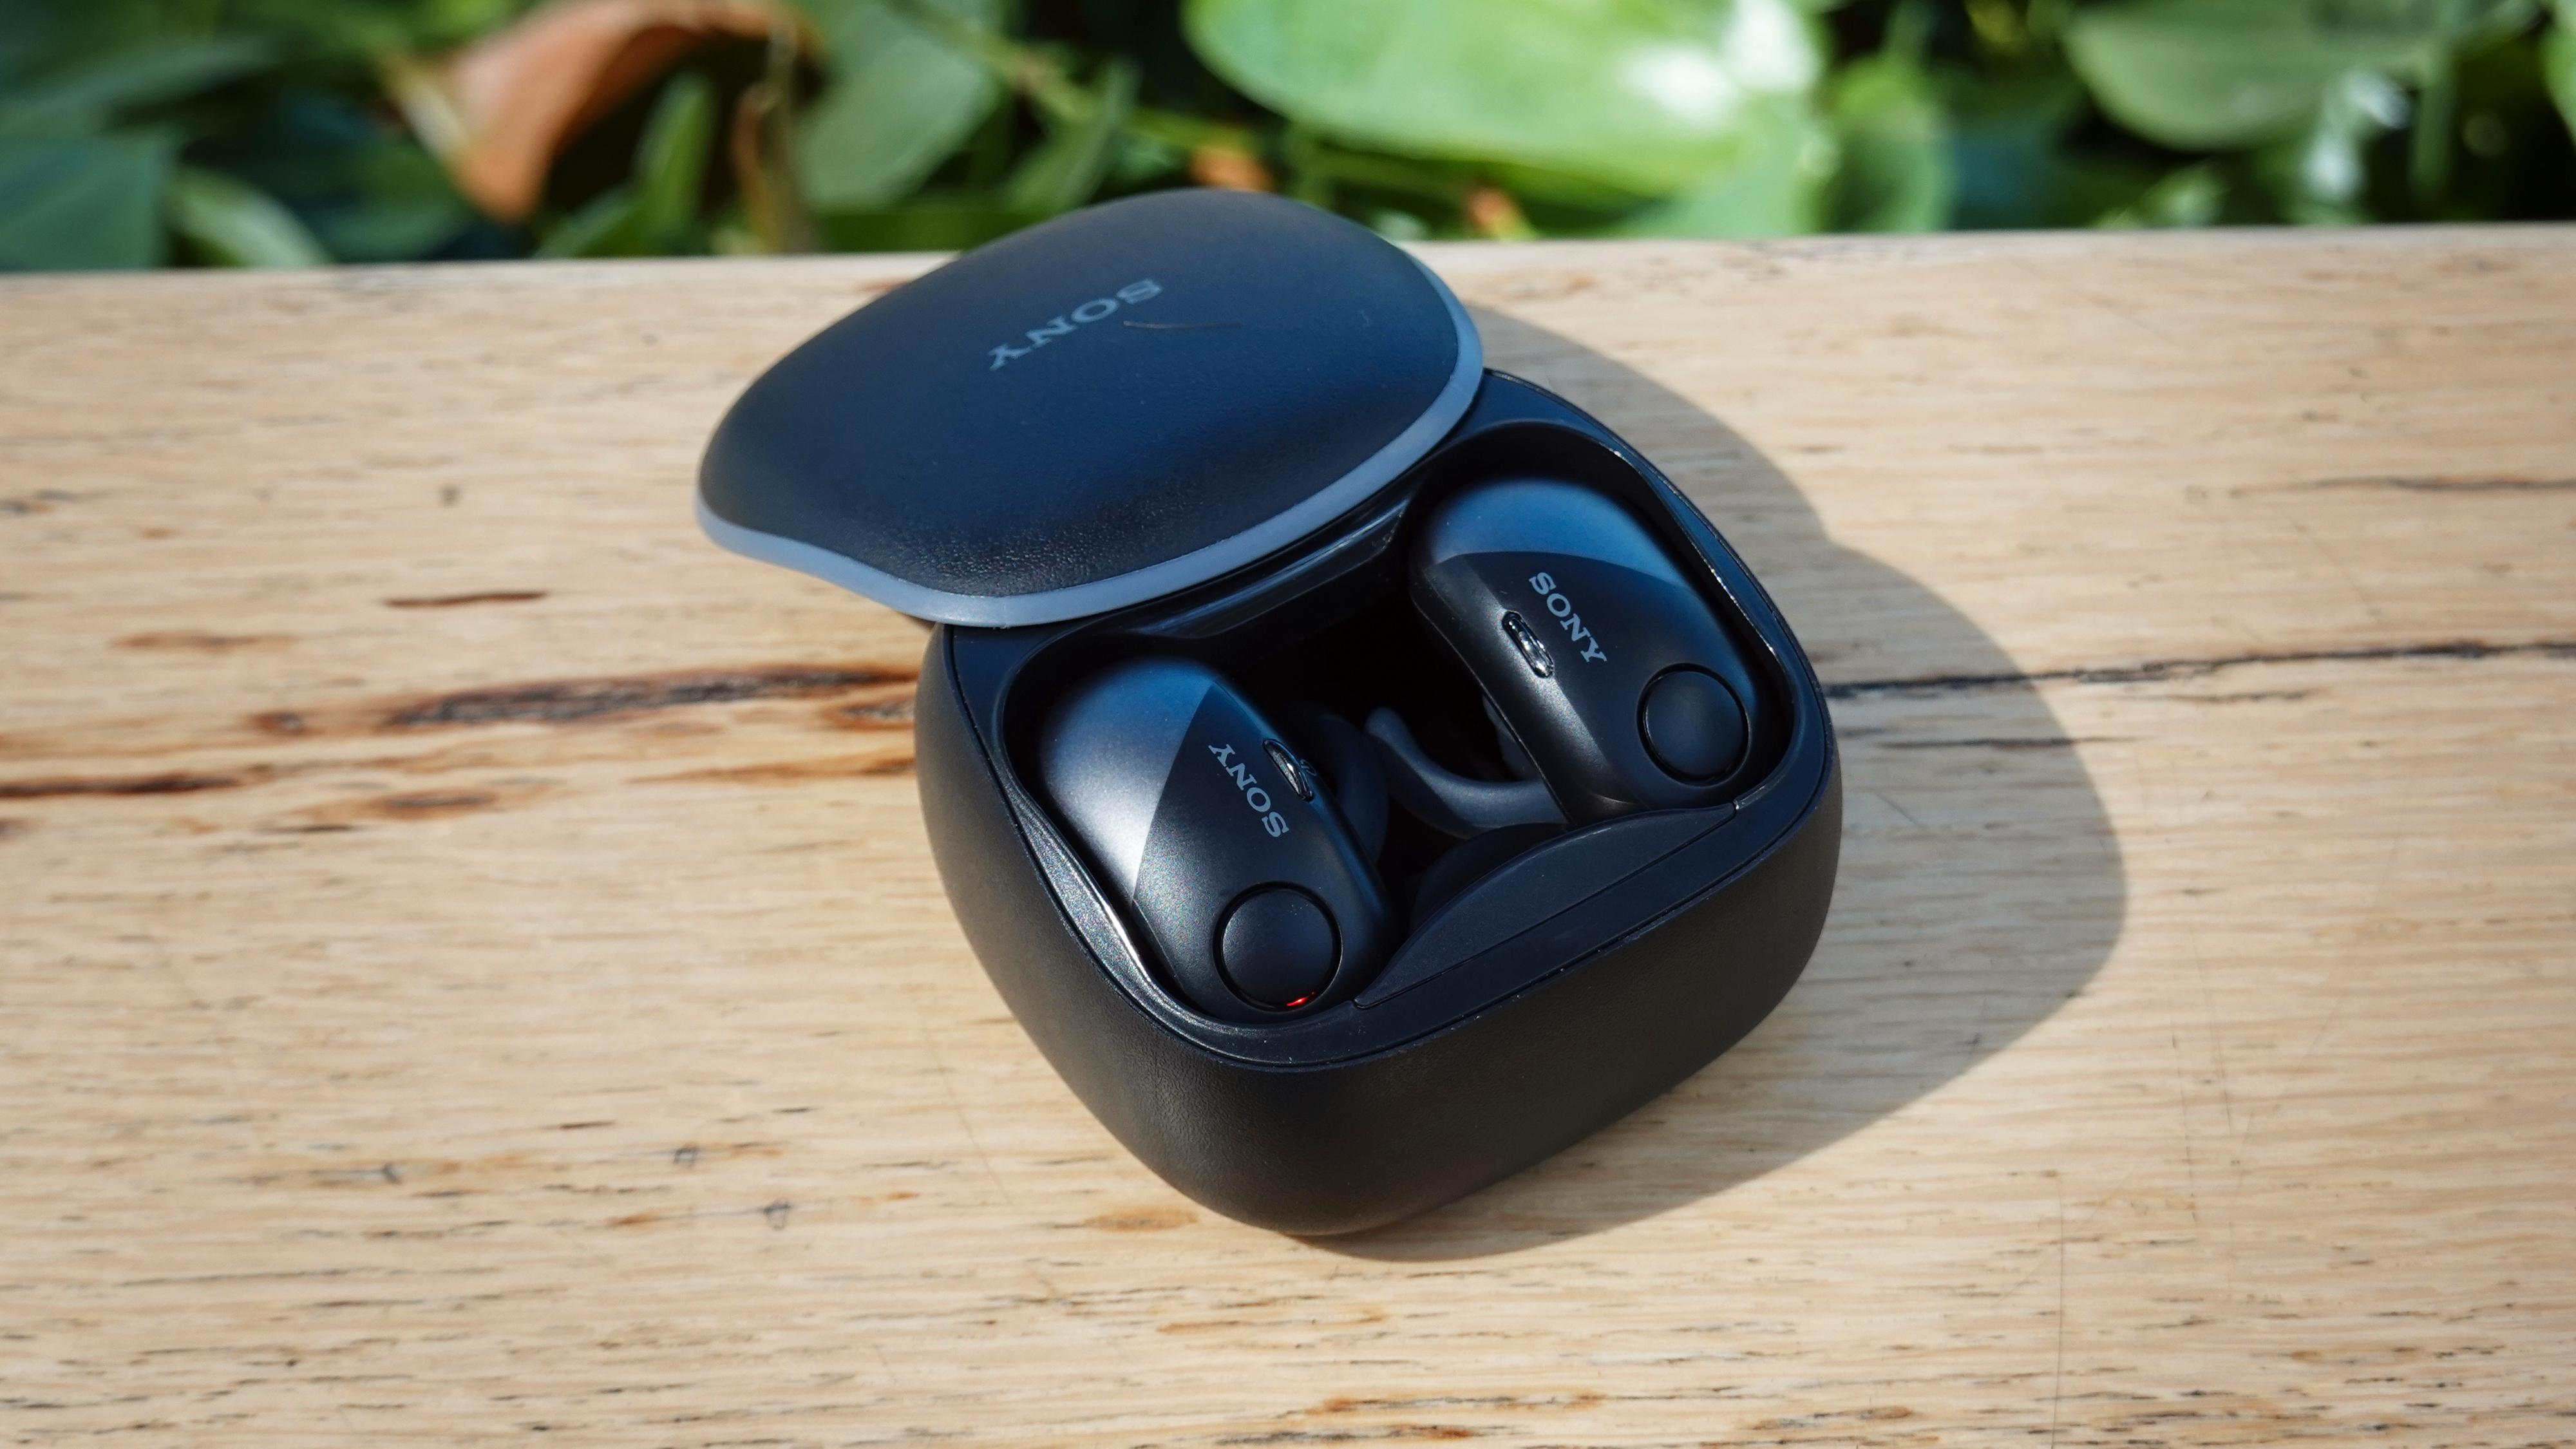 Sony-etuiet har plass til ørevingene, men kun om du vrir dem på plass. Det er irriterende når du skal sette pluggene tilbake i øret. Lokket sitter også veldig løst.